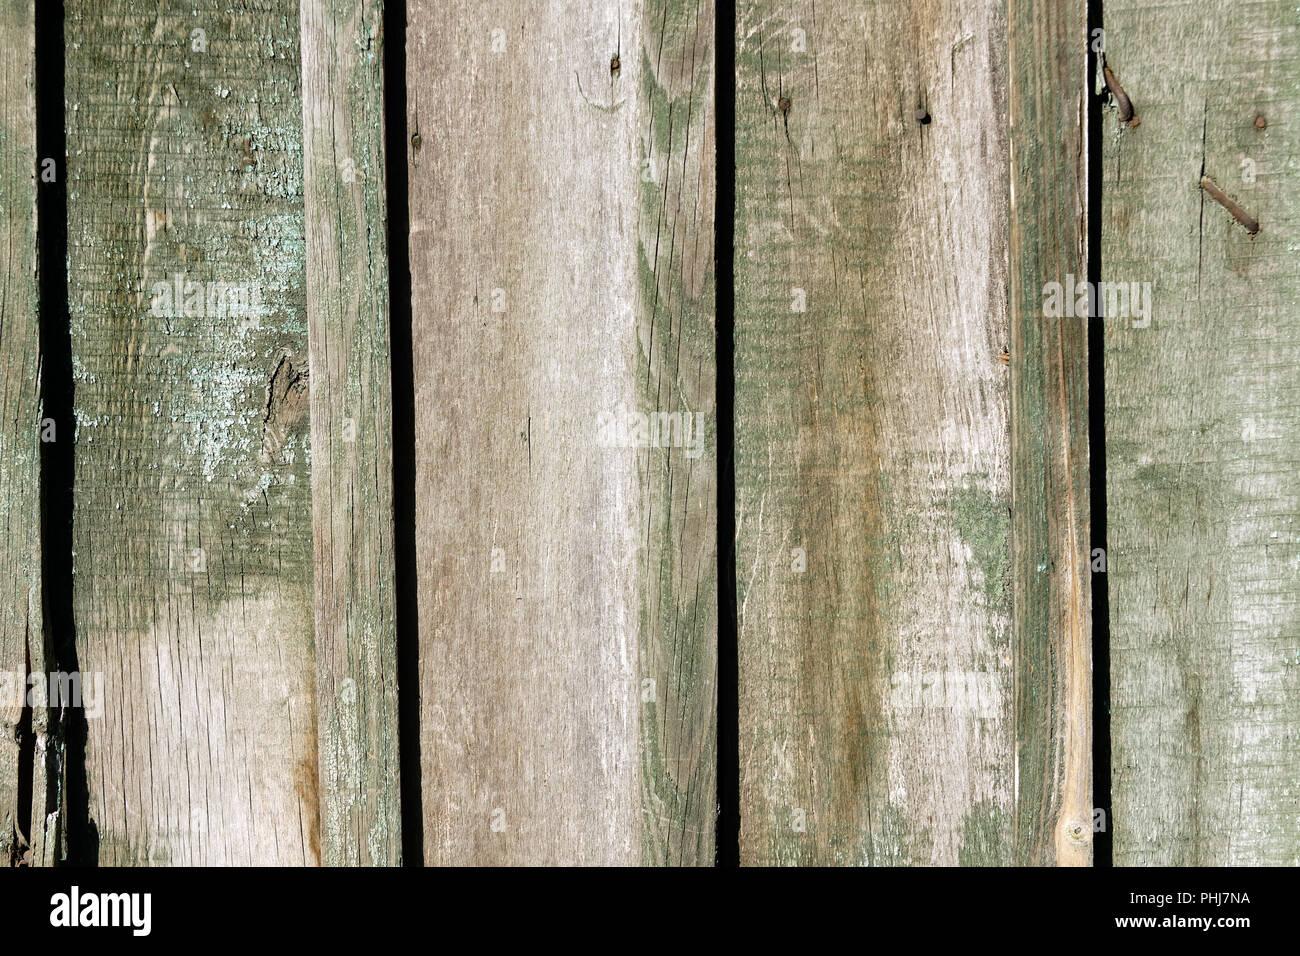 La Plinthe Du Mur la planche en bois clôture close up. la texture de fond